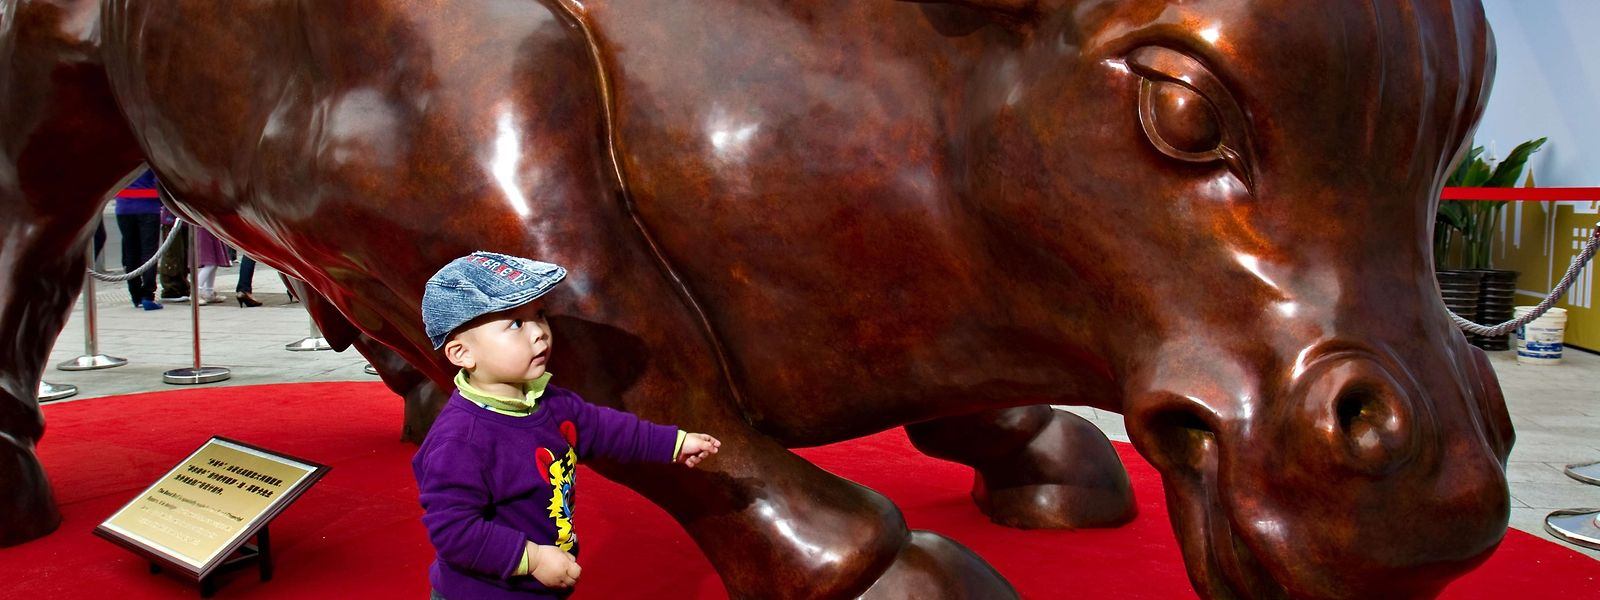 Die Skulptur sollte laut ihrem Schöpfer den wachsenden Aktienmarkt symbolisieren.